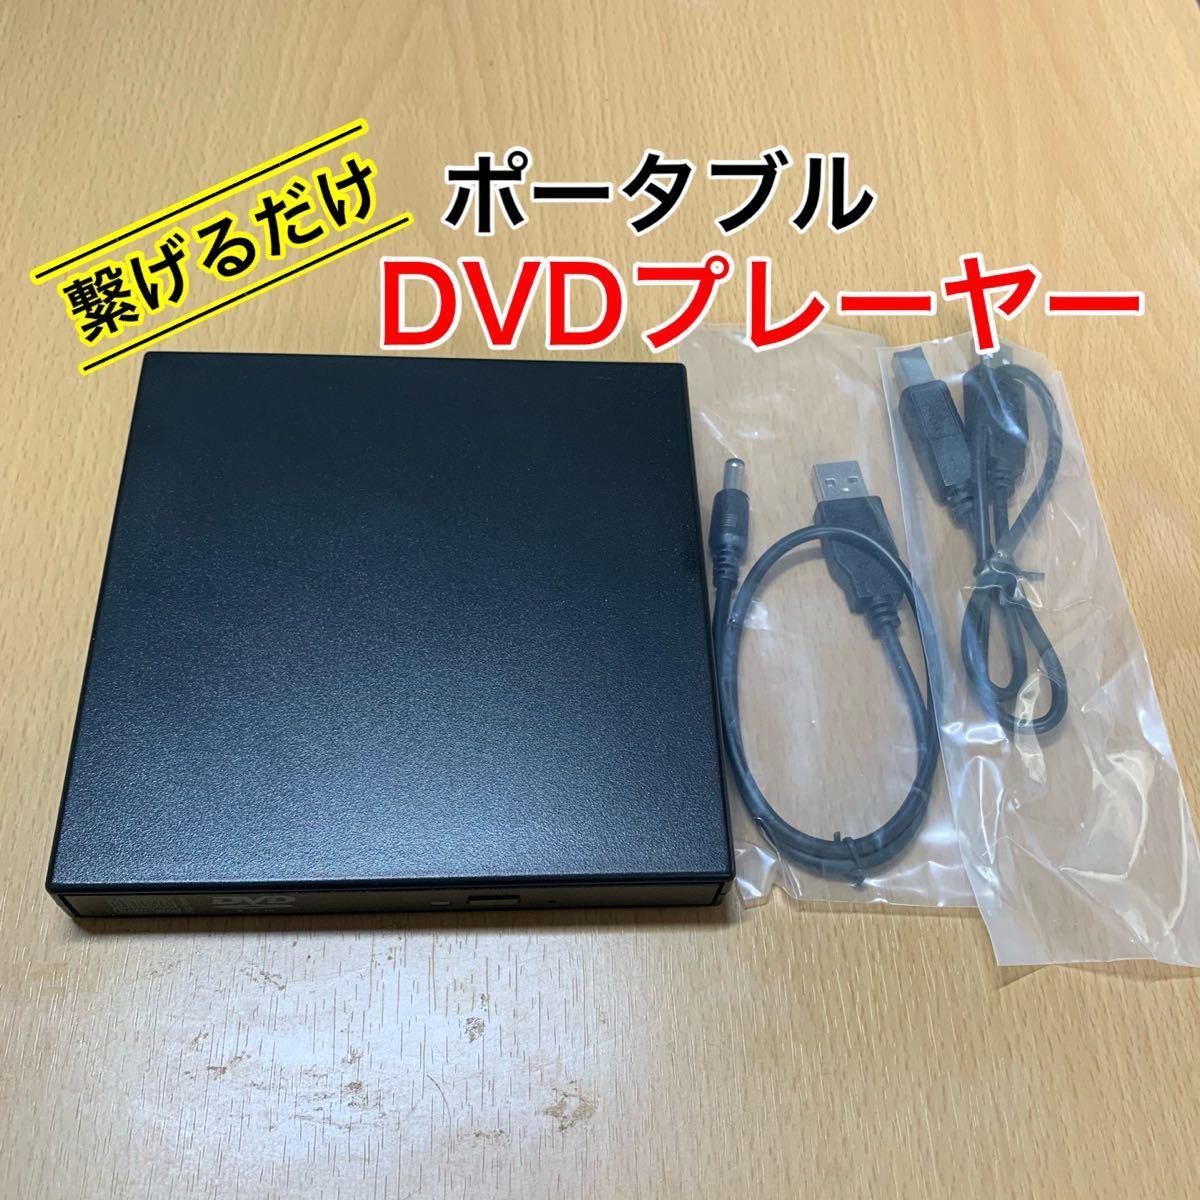 ポータブルDVDプレーヤー(パソコン専用) 外付けDVDドライブ